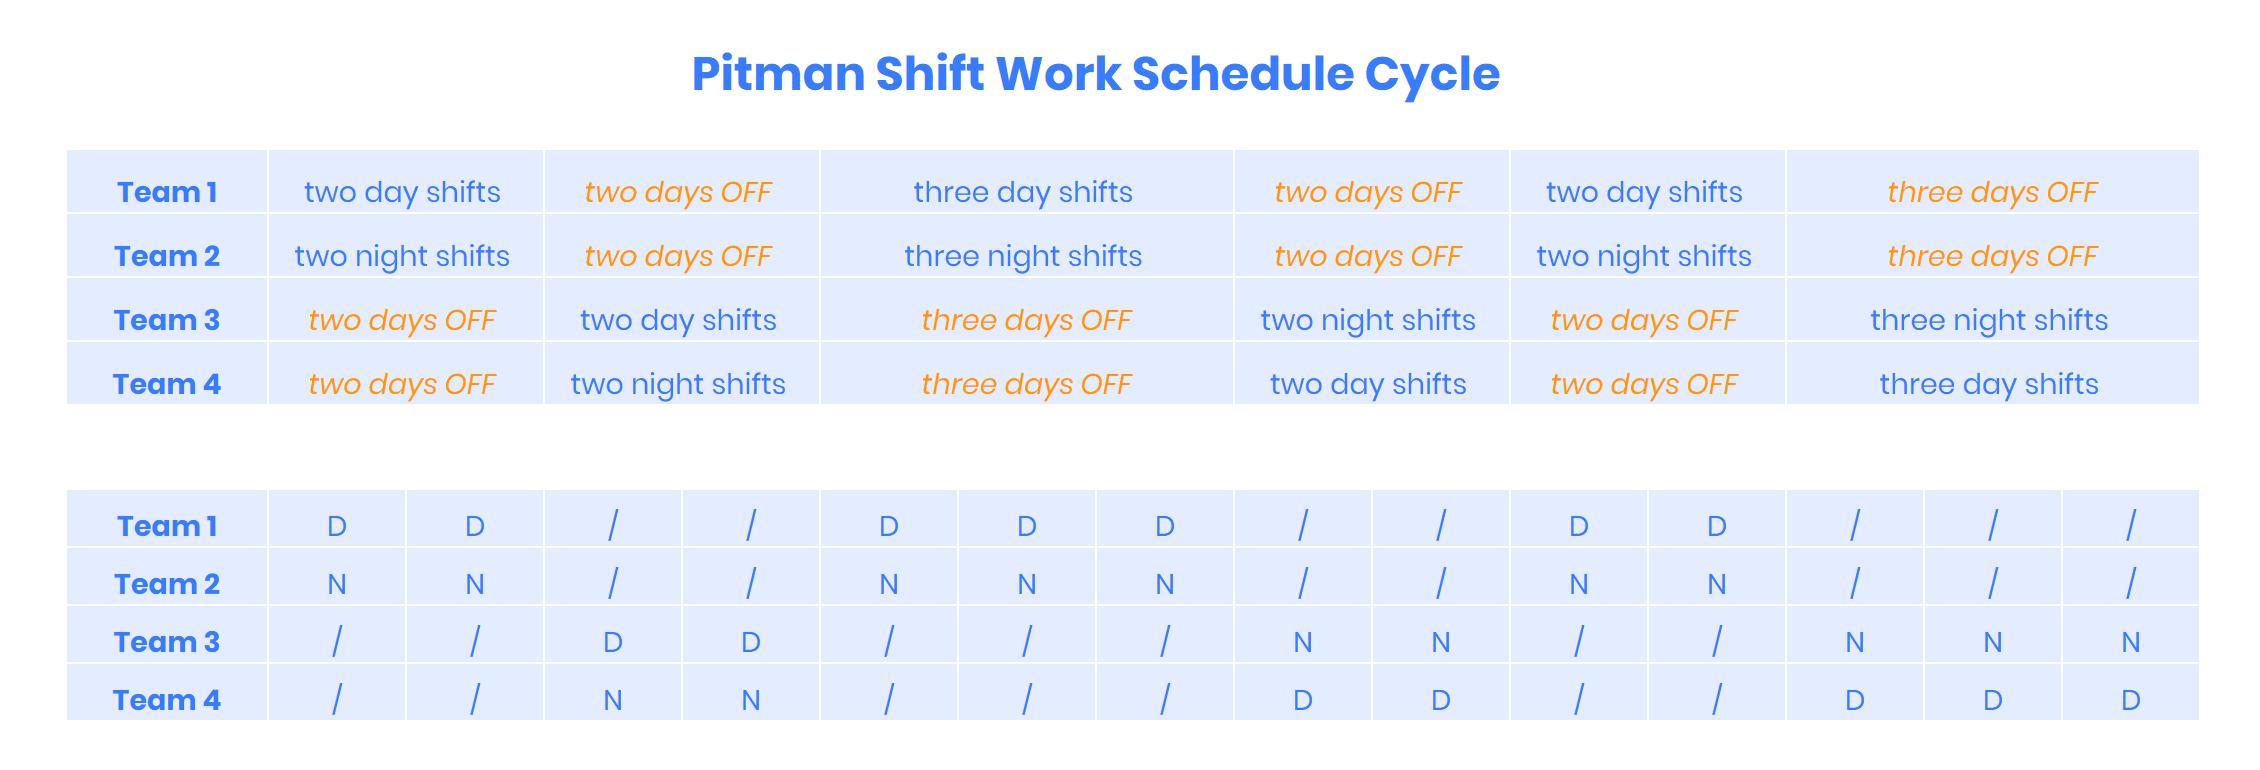 Pitman Shift Work Schedule